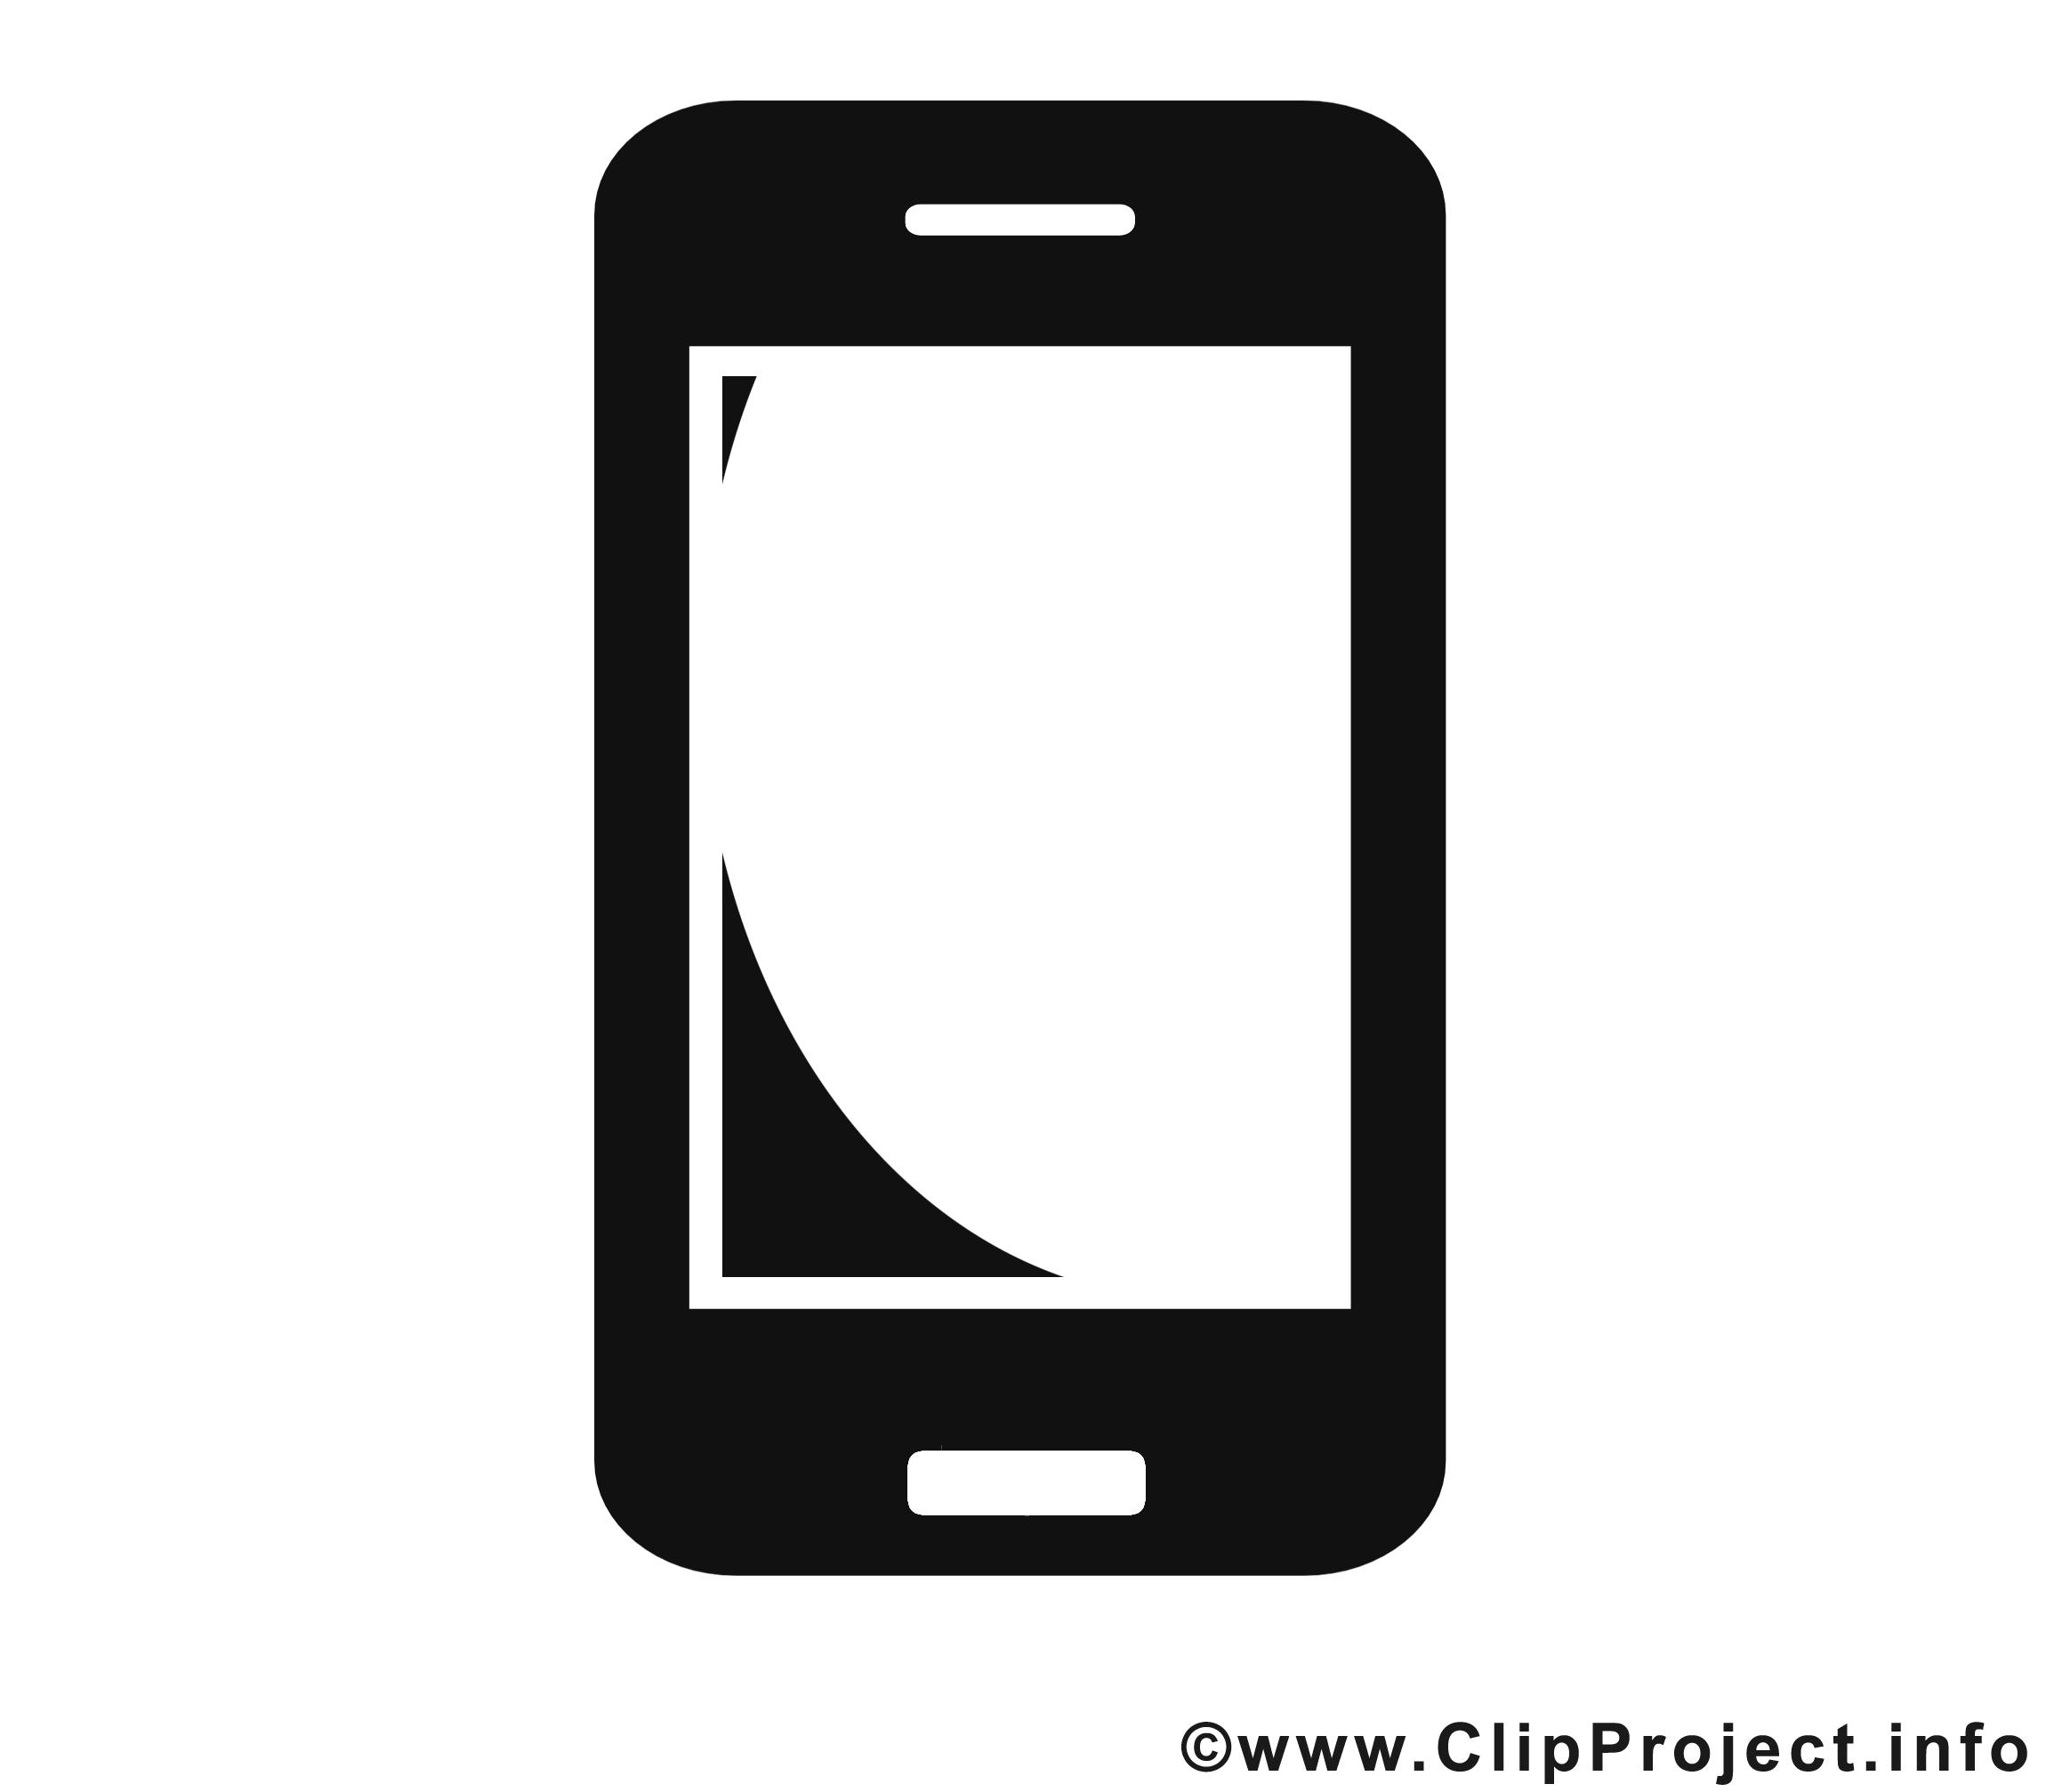 Smartphone clipart - Noir et blanc dessins gratuits